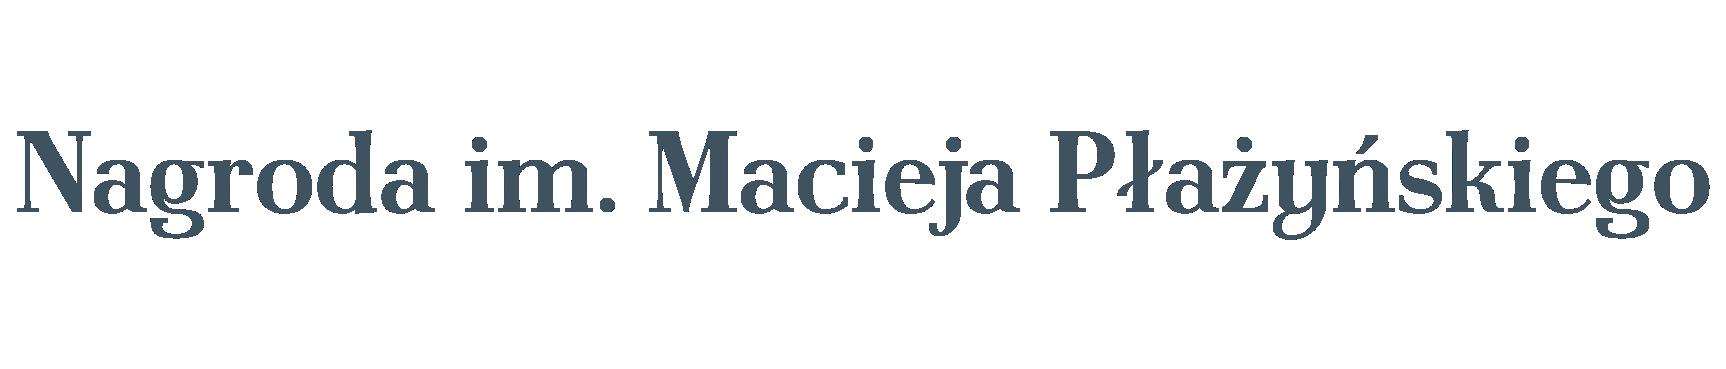 Nagroda im. Macieja Płażyńskiego